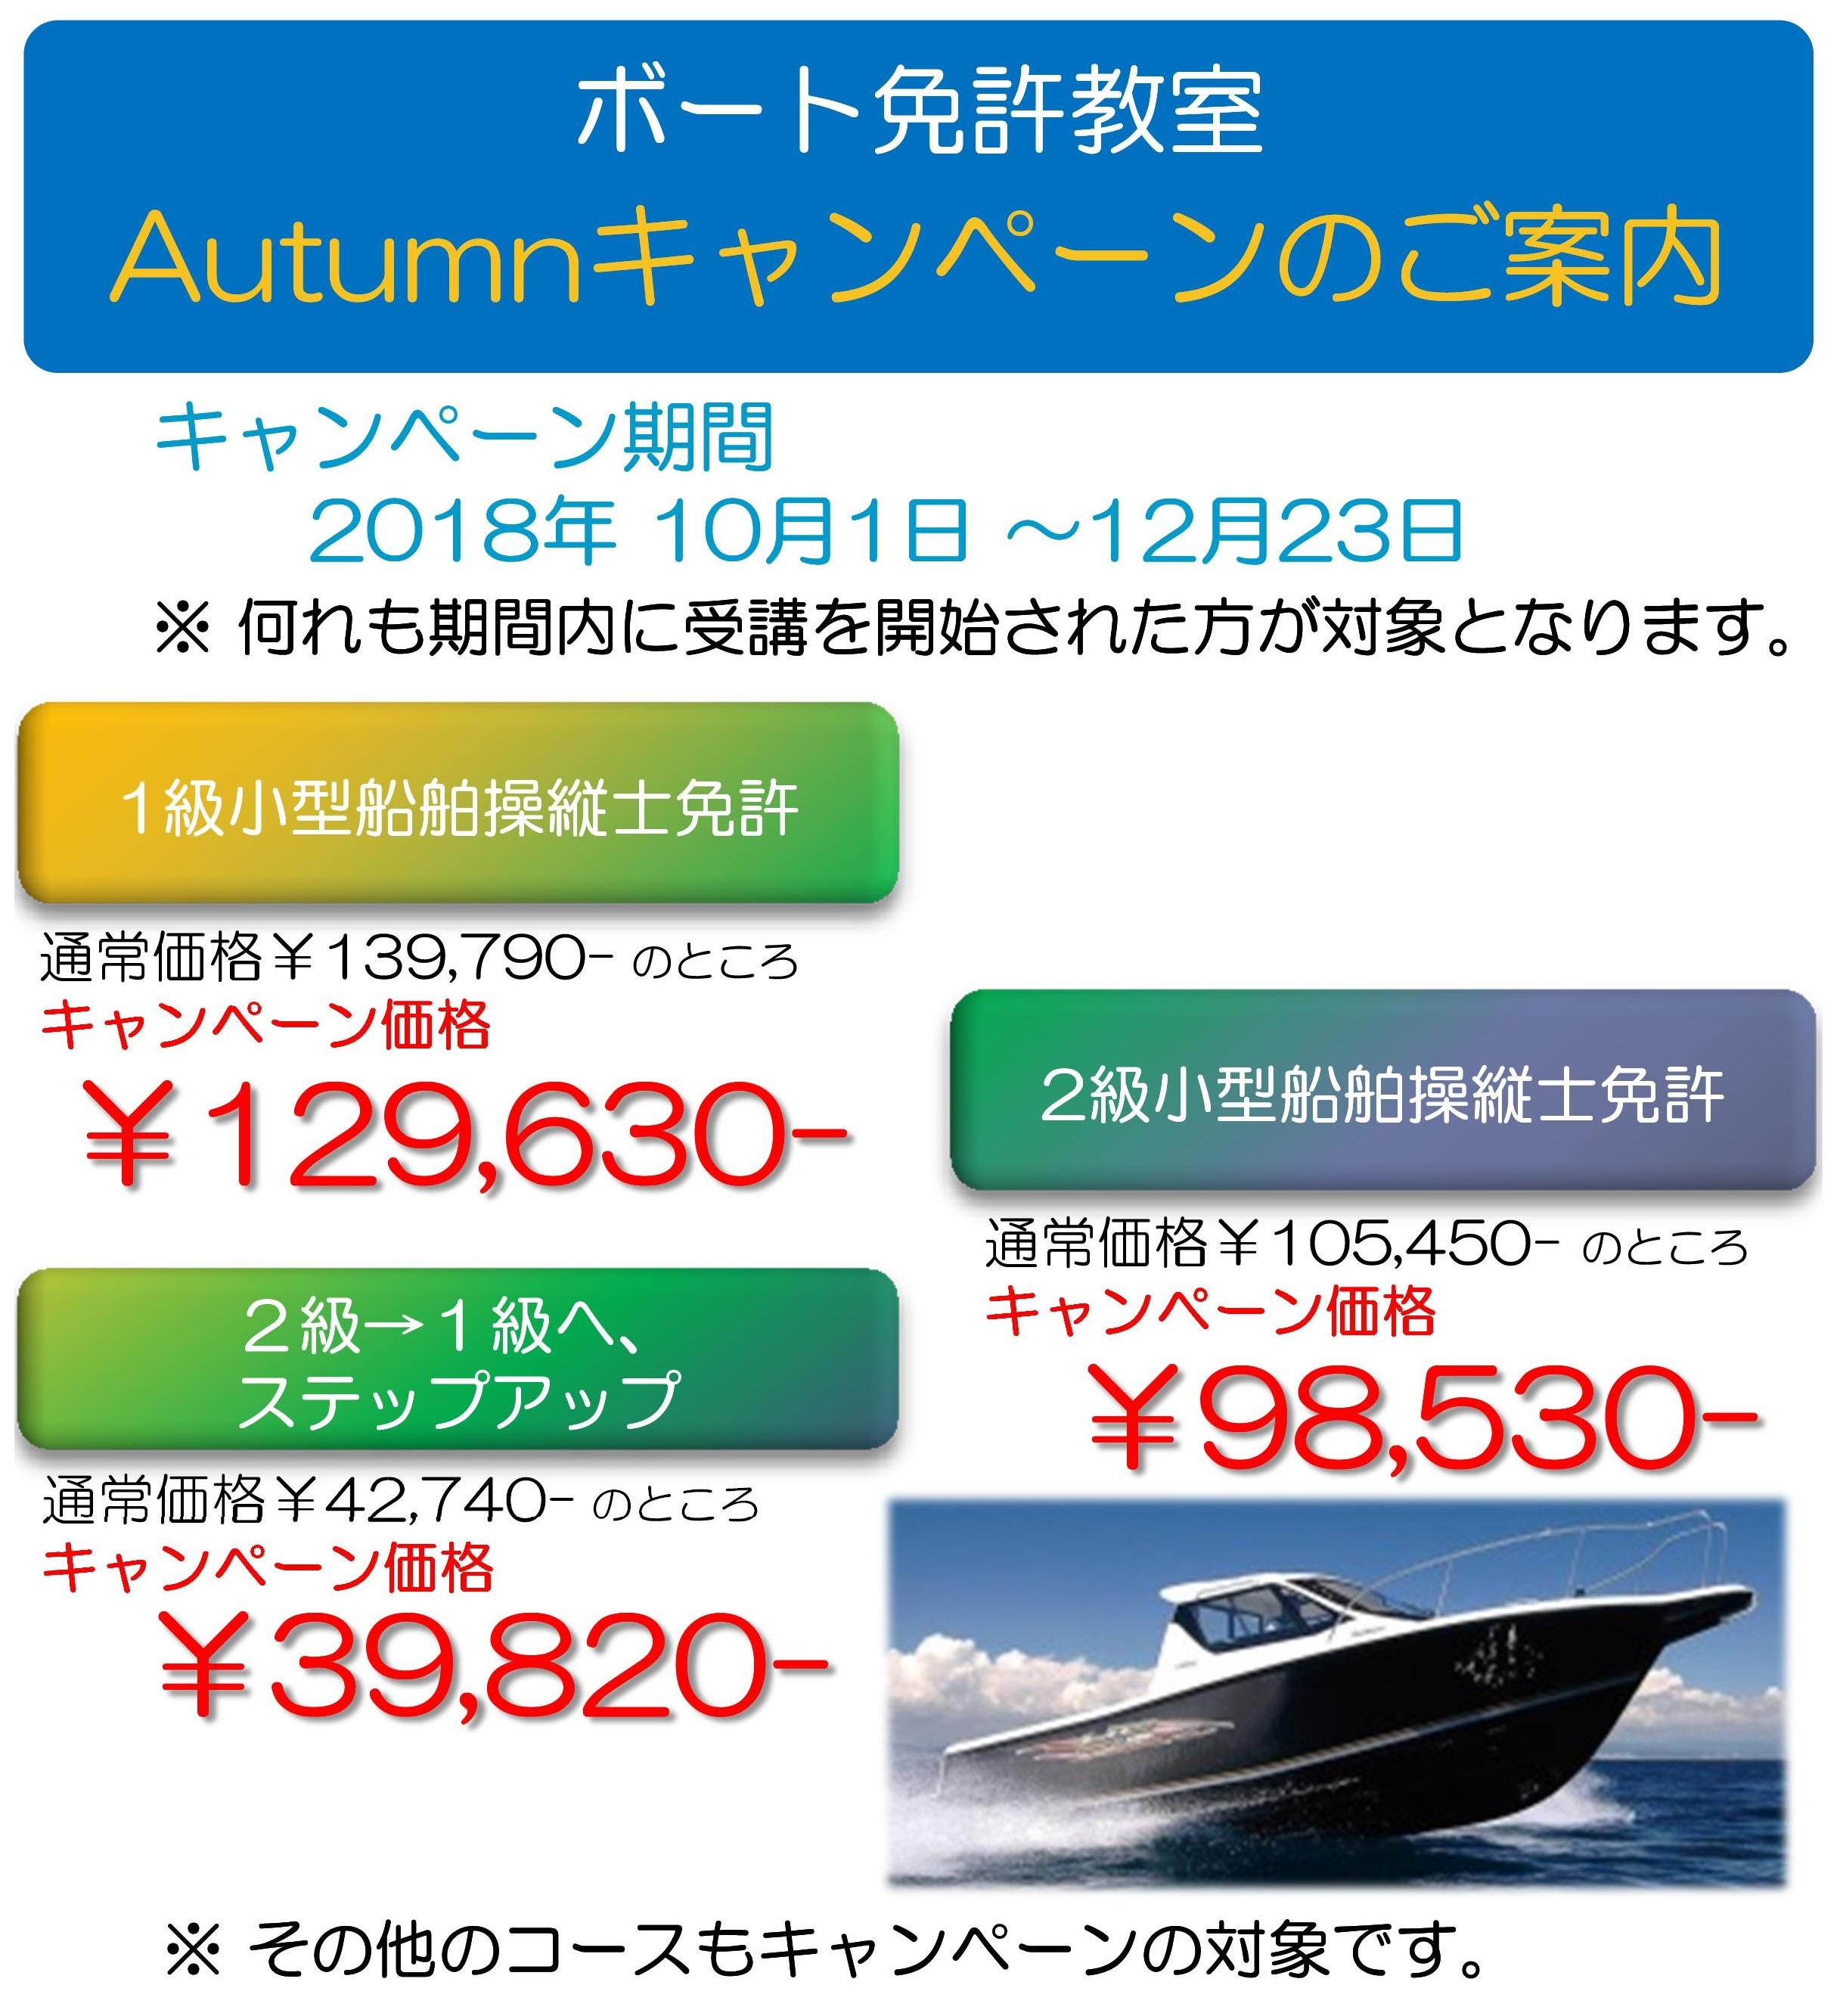 ボート免許教室 お得な秋季限定キャンペーンが始まります。